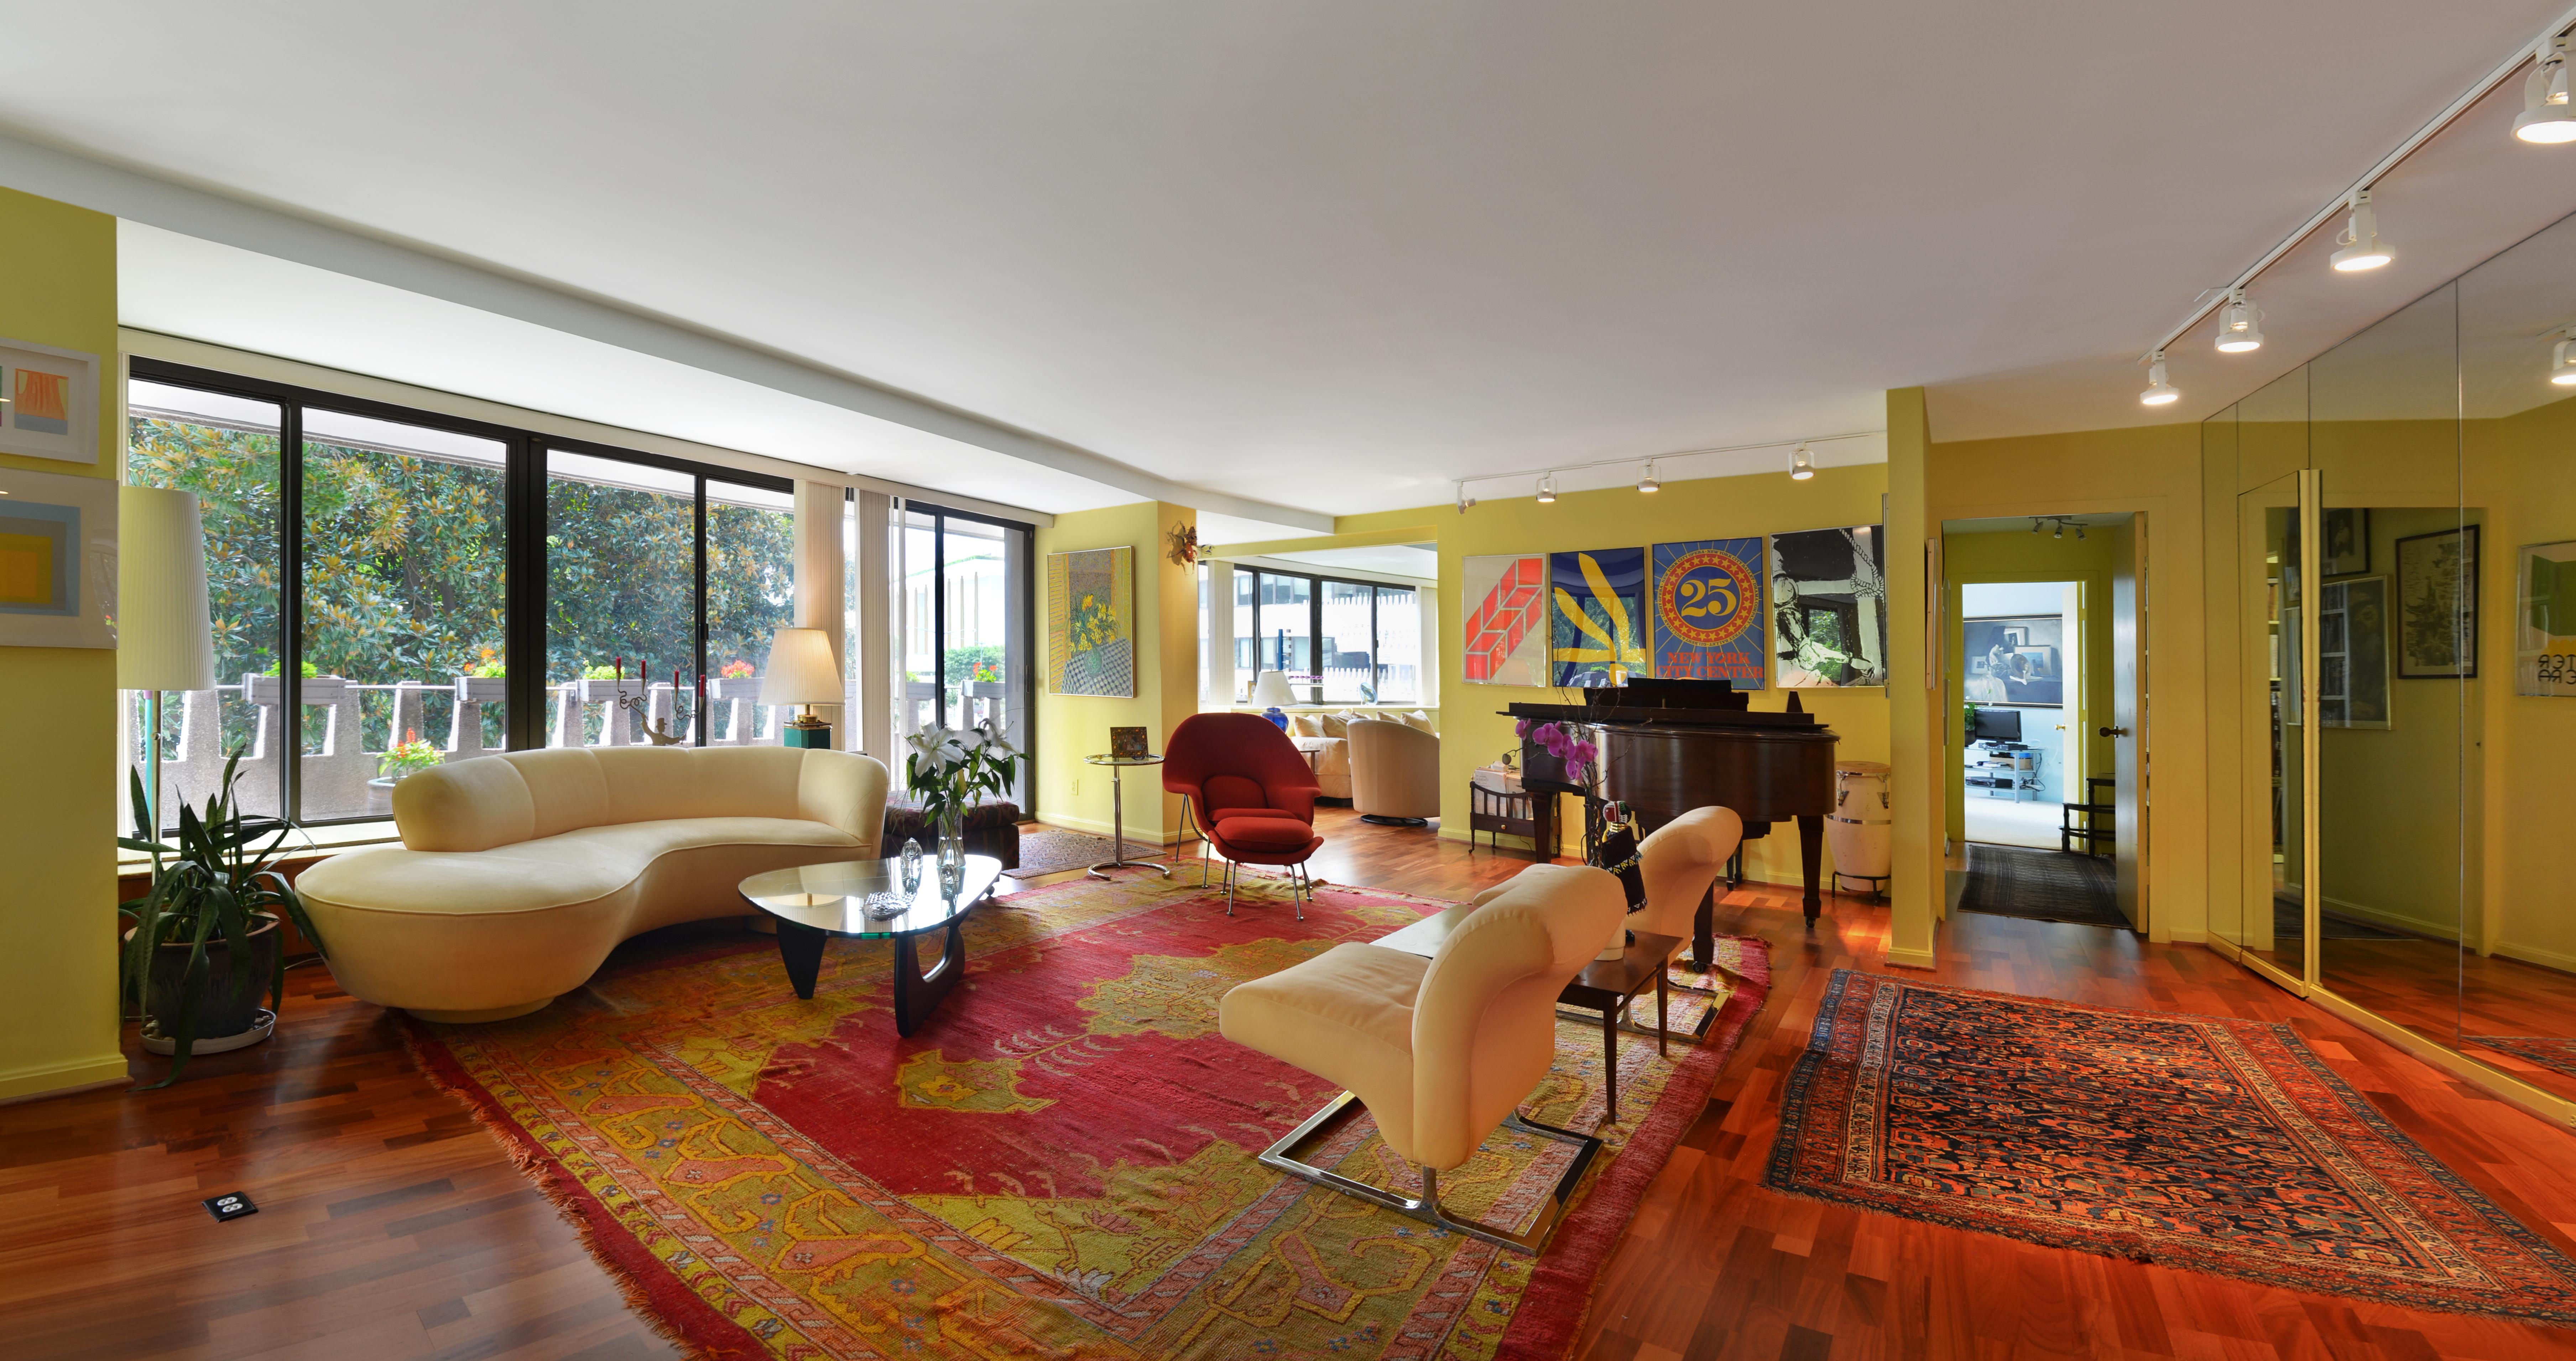 02_Living Room 1_ret.jpg